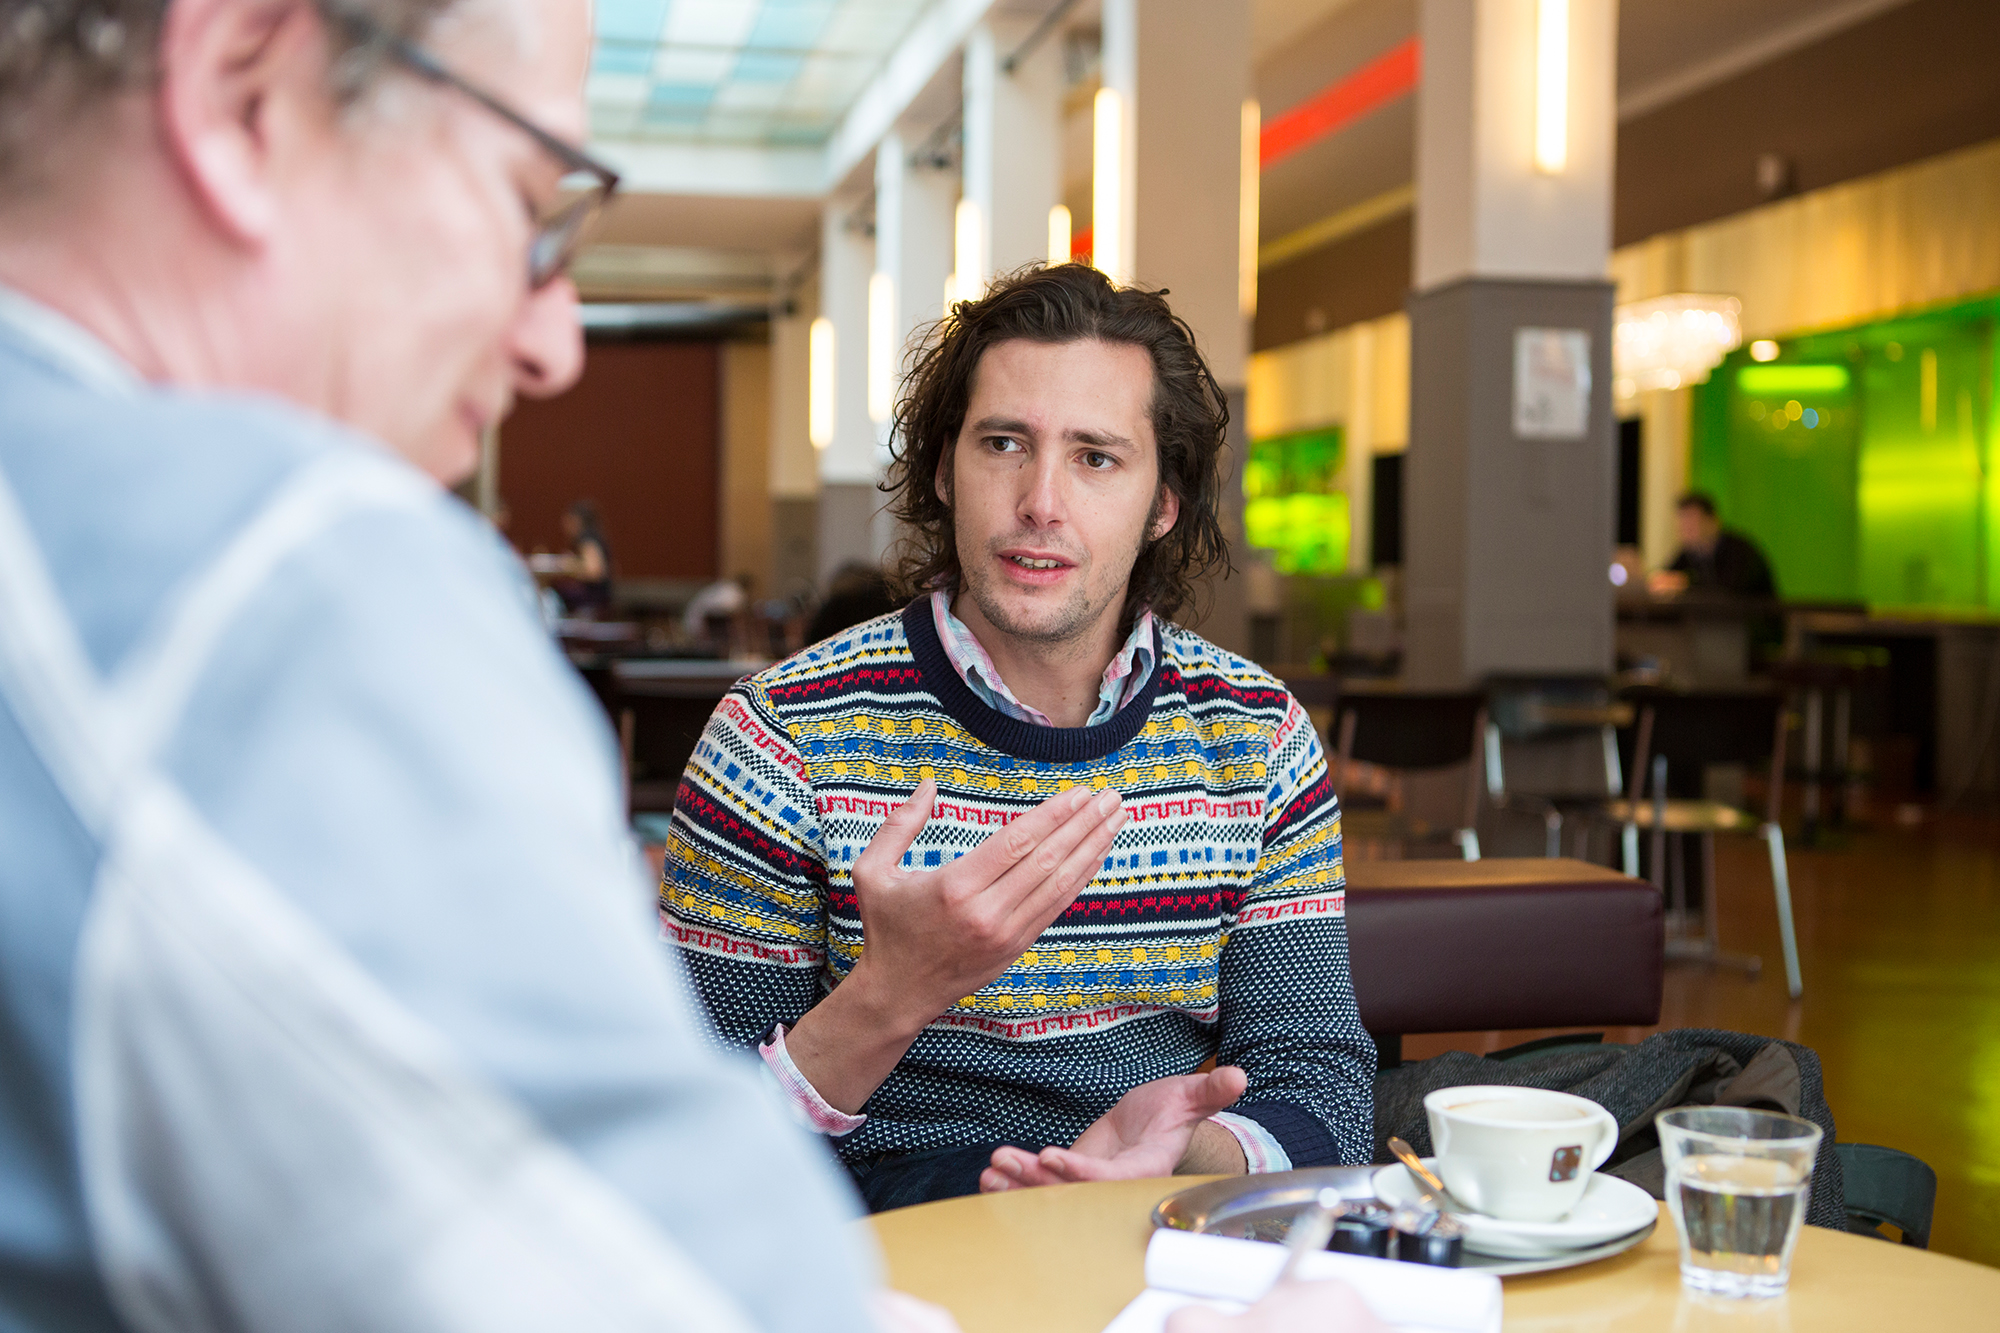 «Von meinem Naturell her bin ich eher der ruhige und zurückhaltende Typ»: Nicola Mastroberardino im Gespräch im Unternehmen Mitte.